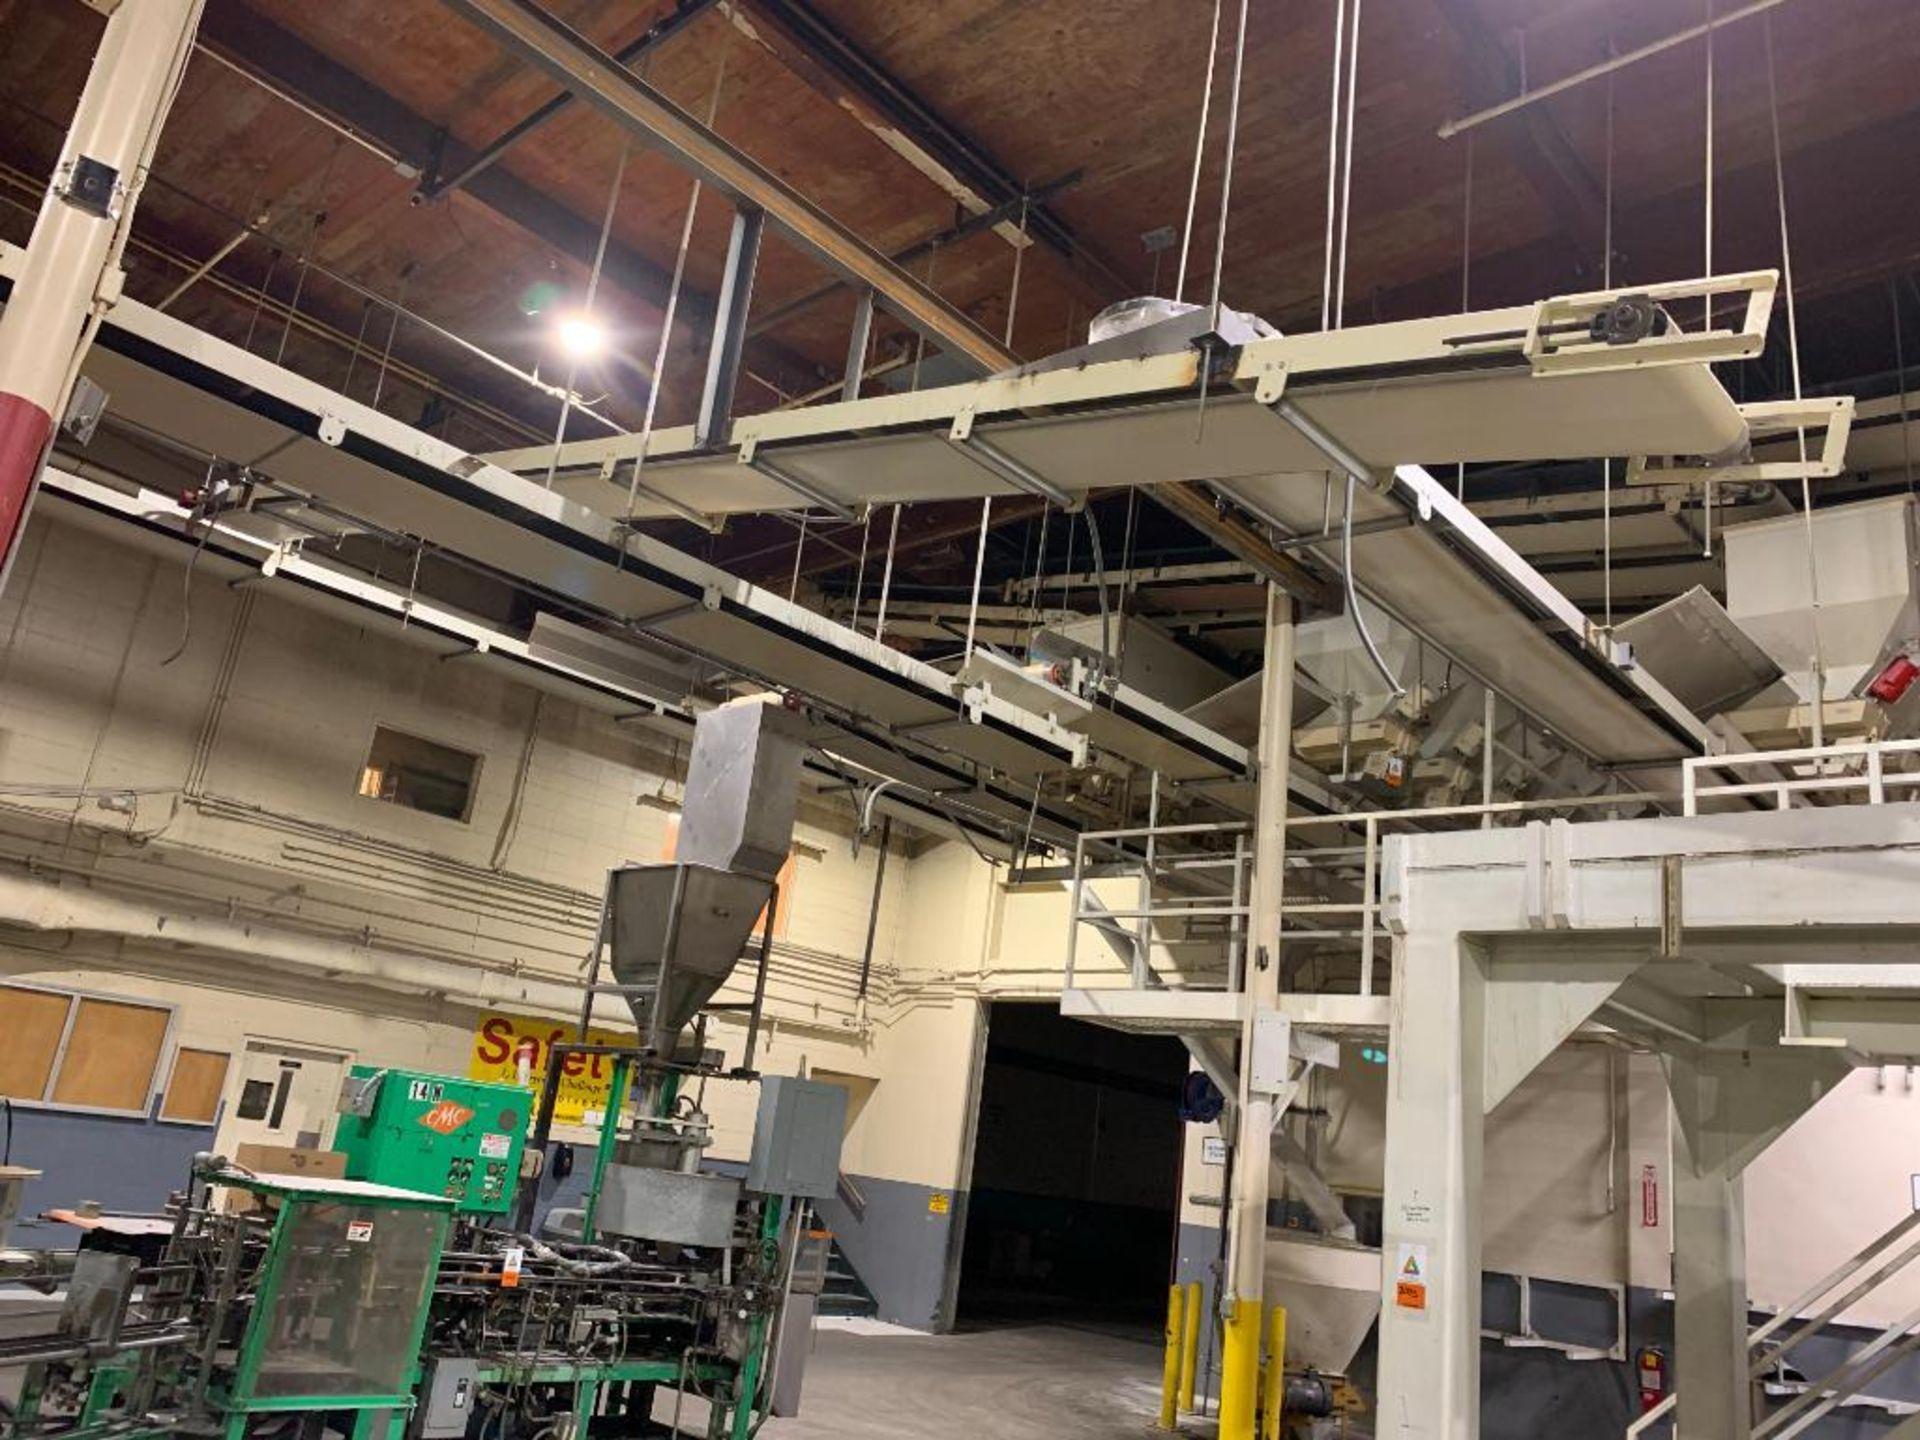 Aseeco mild steel decline conveyor